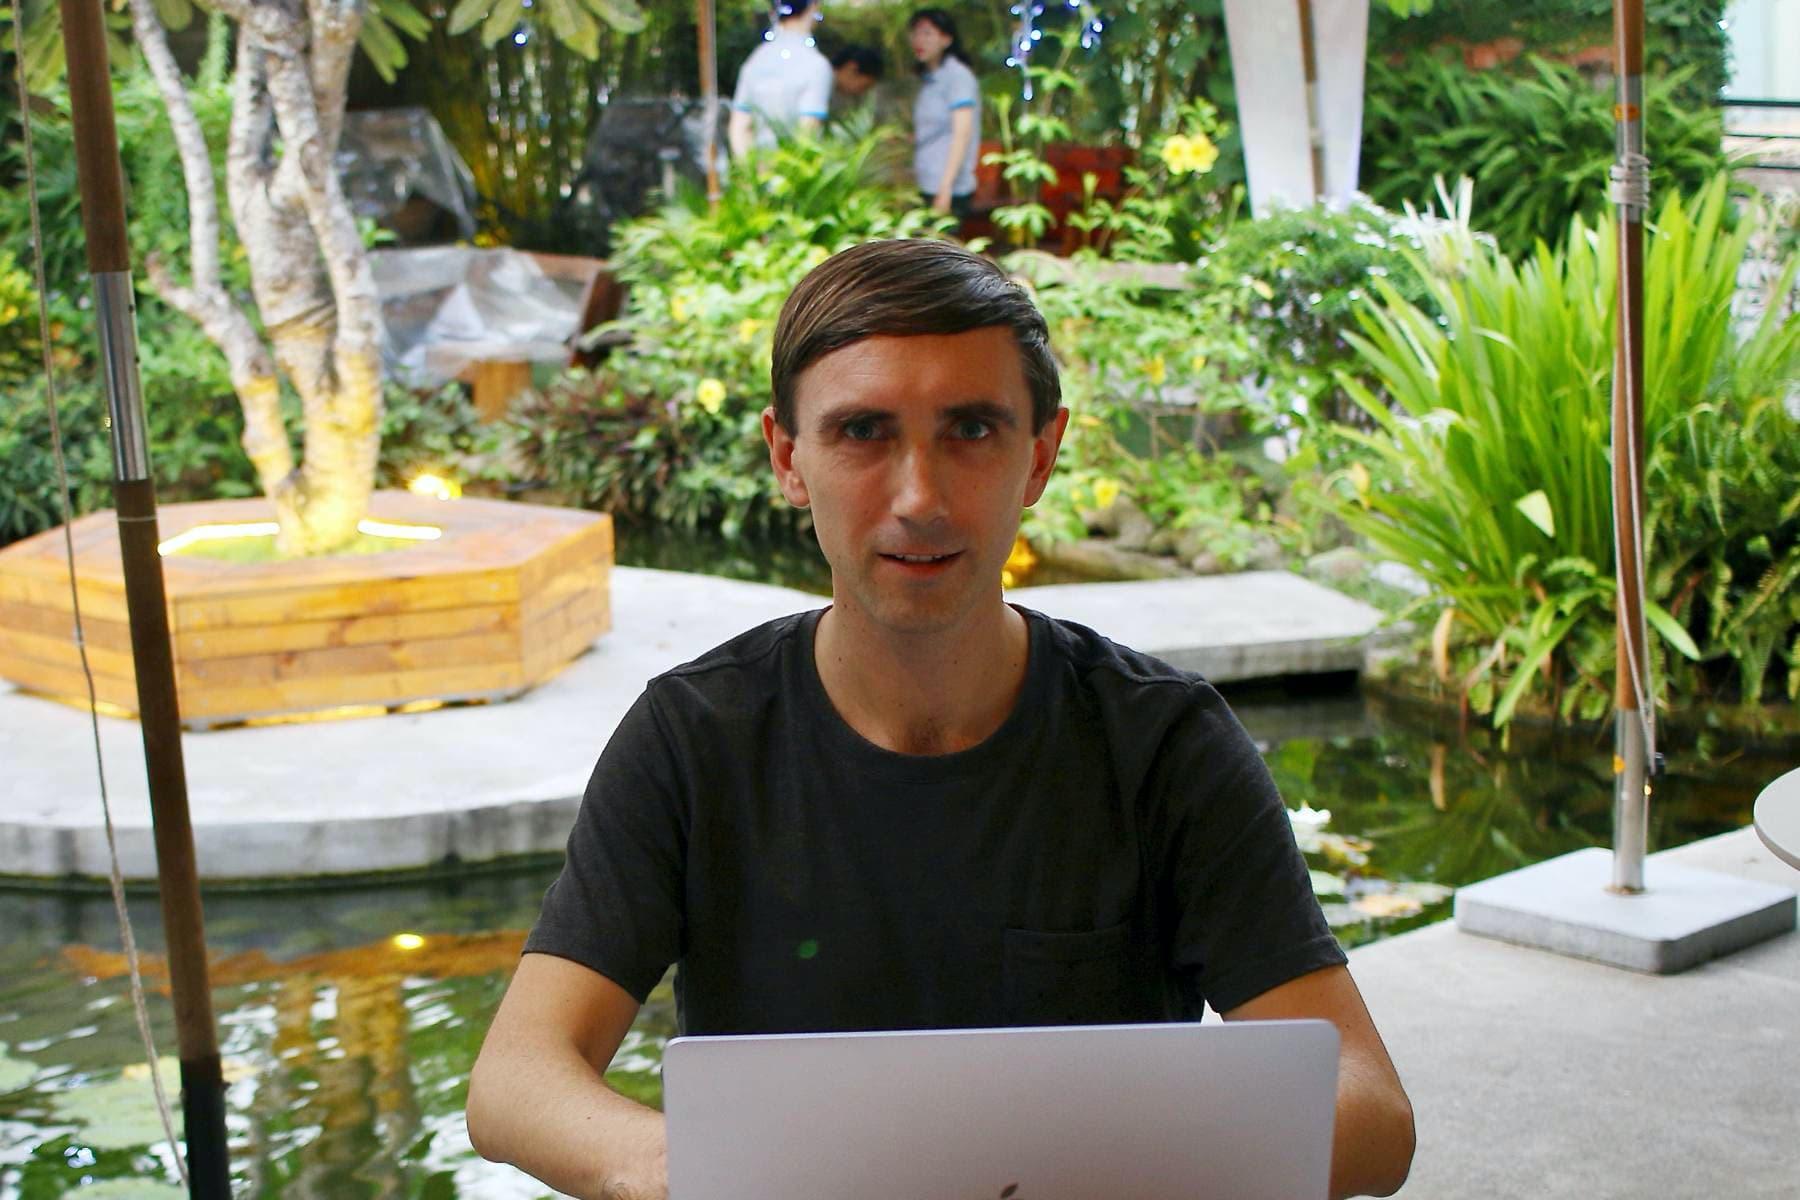 James Lutley – UX/UI Designer